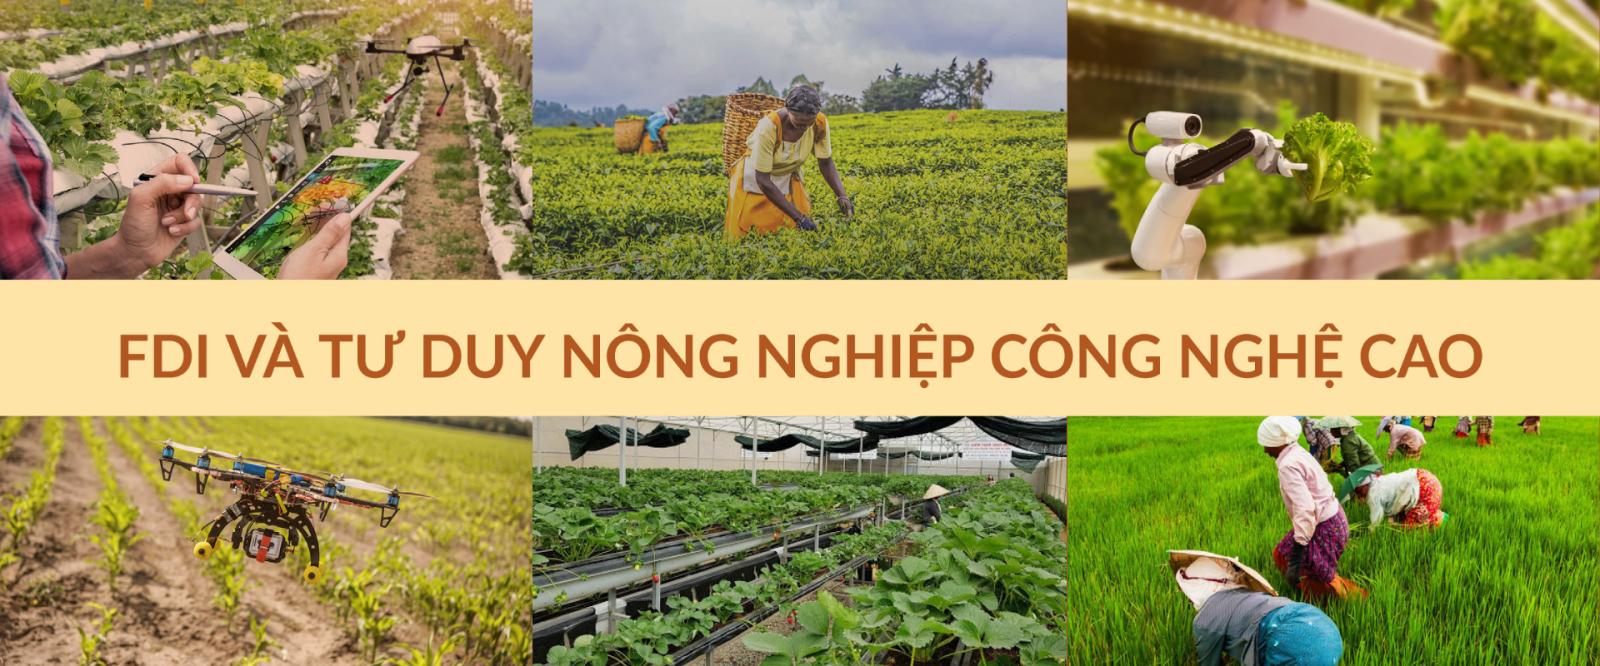 FDI và tư duy nông nghiệp công nghệ cao